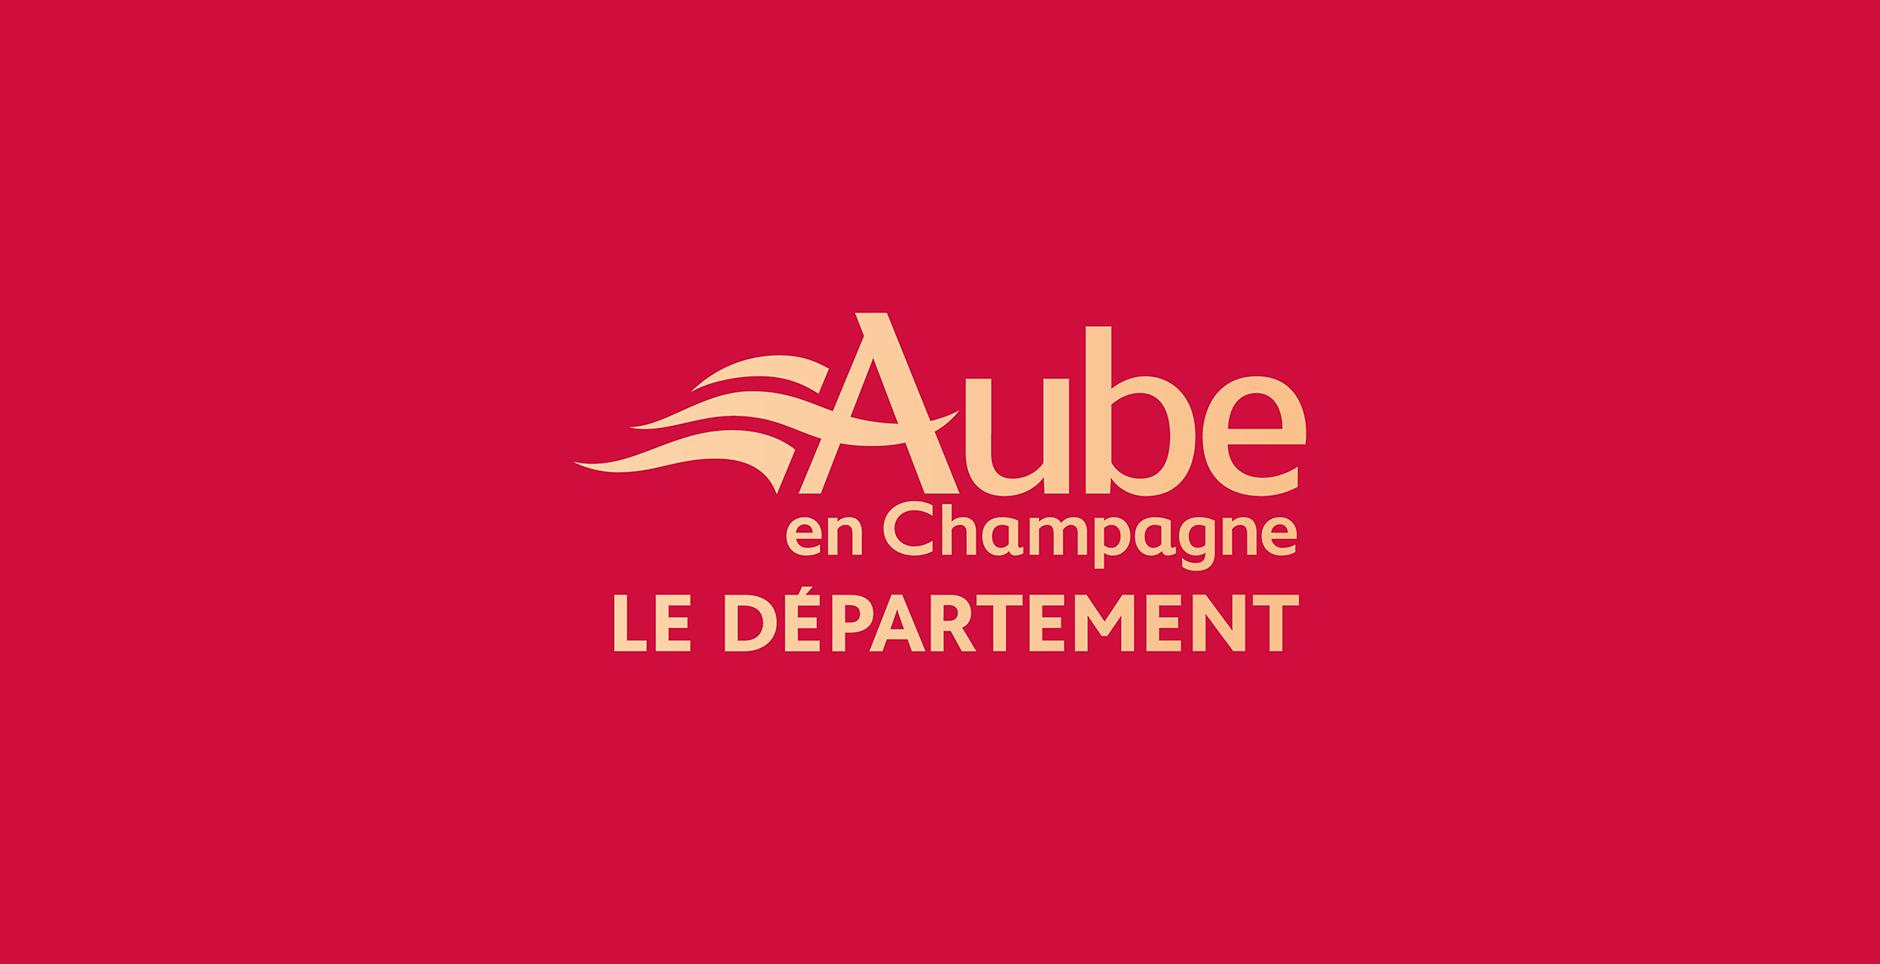 Aube_champagne_case_study0